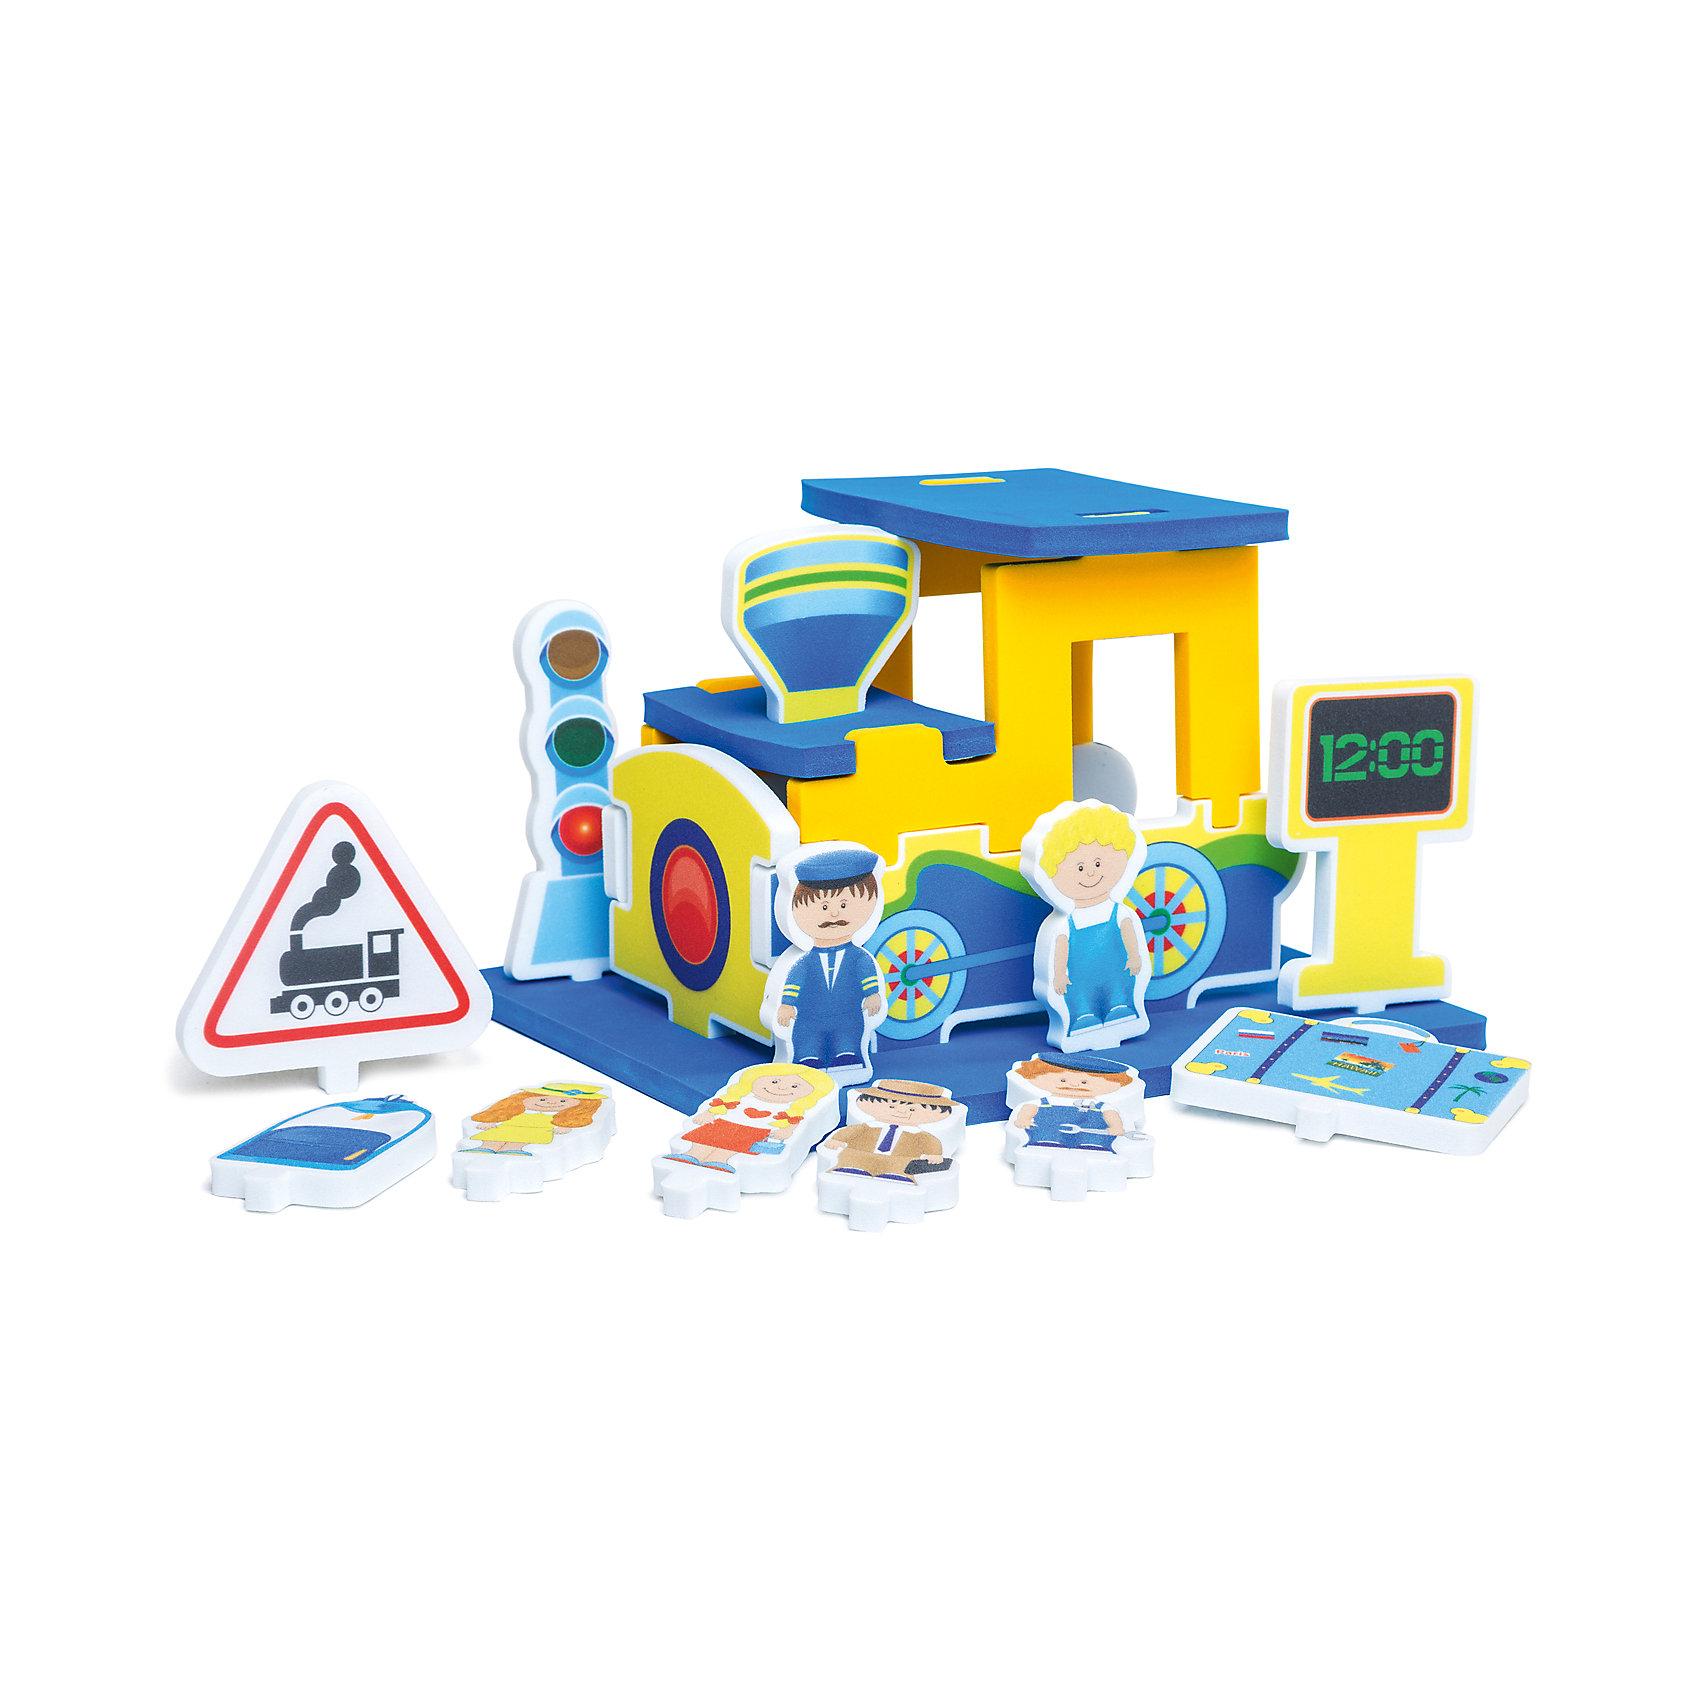 Мягкий конструктор Паровозик, PicnMixМягкий конструктор идеально подходит даже для самых маленьких строителей! Яркие детали и разнообразие форм привлекут внимание малышей и раскроют невероятные возможности для творчества. Конструктор подходит как для игр в комнате, так и в ванной. Все элементы выполнены из высококачественных материалов, с применением экологичных красителей, не имеют острых углов, абсолютно безопасны для детей. Мягкий конструктор - прекрасный подарок на любой праздник, он надолго увлечет ребенка, помогая ему развить логику, моторику рук, цветовосприятие и фантазию.<br>В комплект входит инструкция-методическое пособие со сценарием проведения игры, при помощи взрослого ребенок собирает из нескольких деталей конструкцию паровоза и устанавливает на подставке те фигурки, которые соответствуют игровому сюжету. <br><br>Дополнительная информация:<br><br>- Материал: ЭВА.<br>- Размер упаковки: 32х6х31 см. <br>- Не имеет острых углов.<br>- Можно использовать в воде. <br><br>Мягкий конструктор Паровозик, Pic`n Mix, можно купить в нашем магазине.<br><br>Ширина мм: 210<br>Глубина мм: 80<br>Высота мм: 270<br>Вес г: 300<br>Возраст от месяцев: 18<br>Возраст до месяцев: 36<br>Пол: Унисекс<br>Возраст: Детский<br>SKU: 4536632